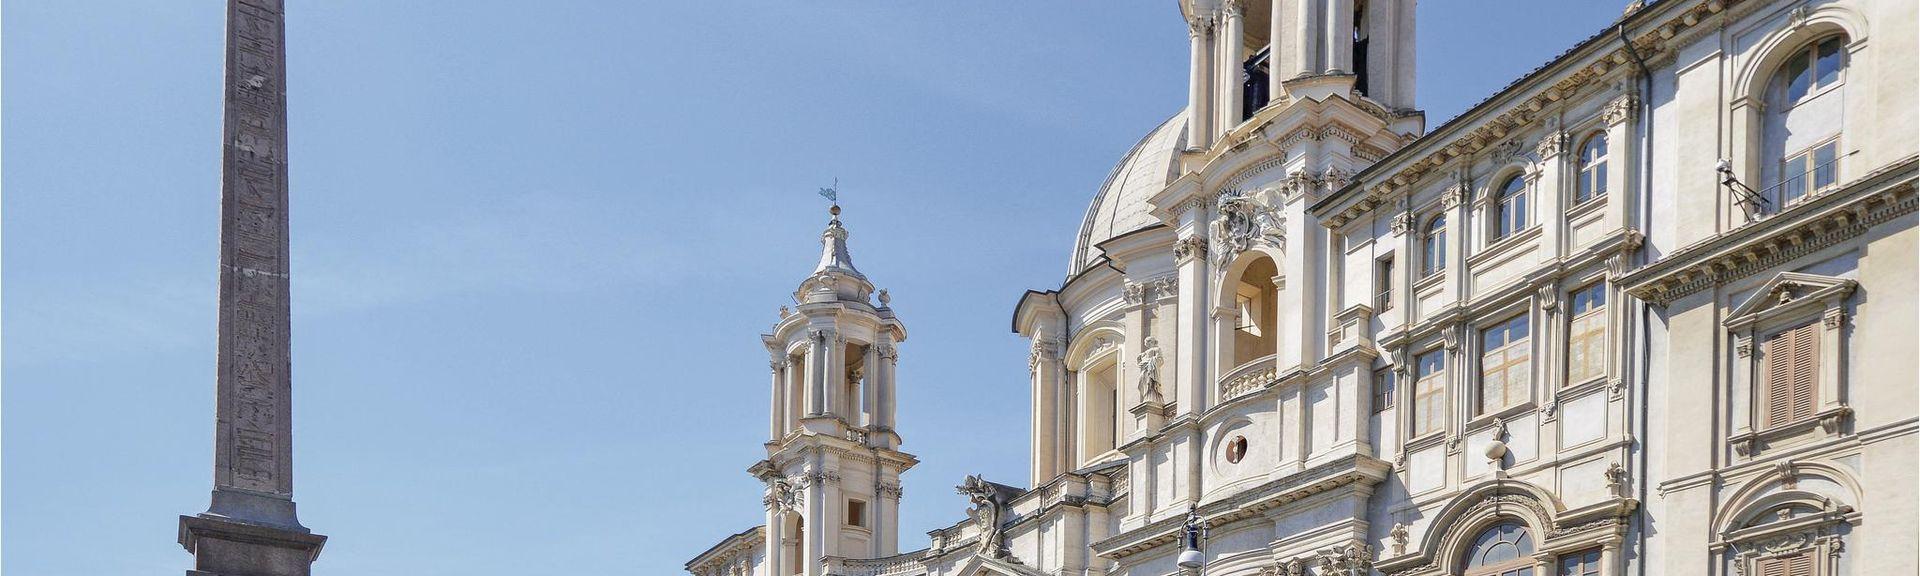 Suburbio IX Aurelio, Rome, Lazio, Italy